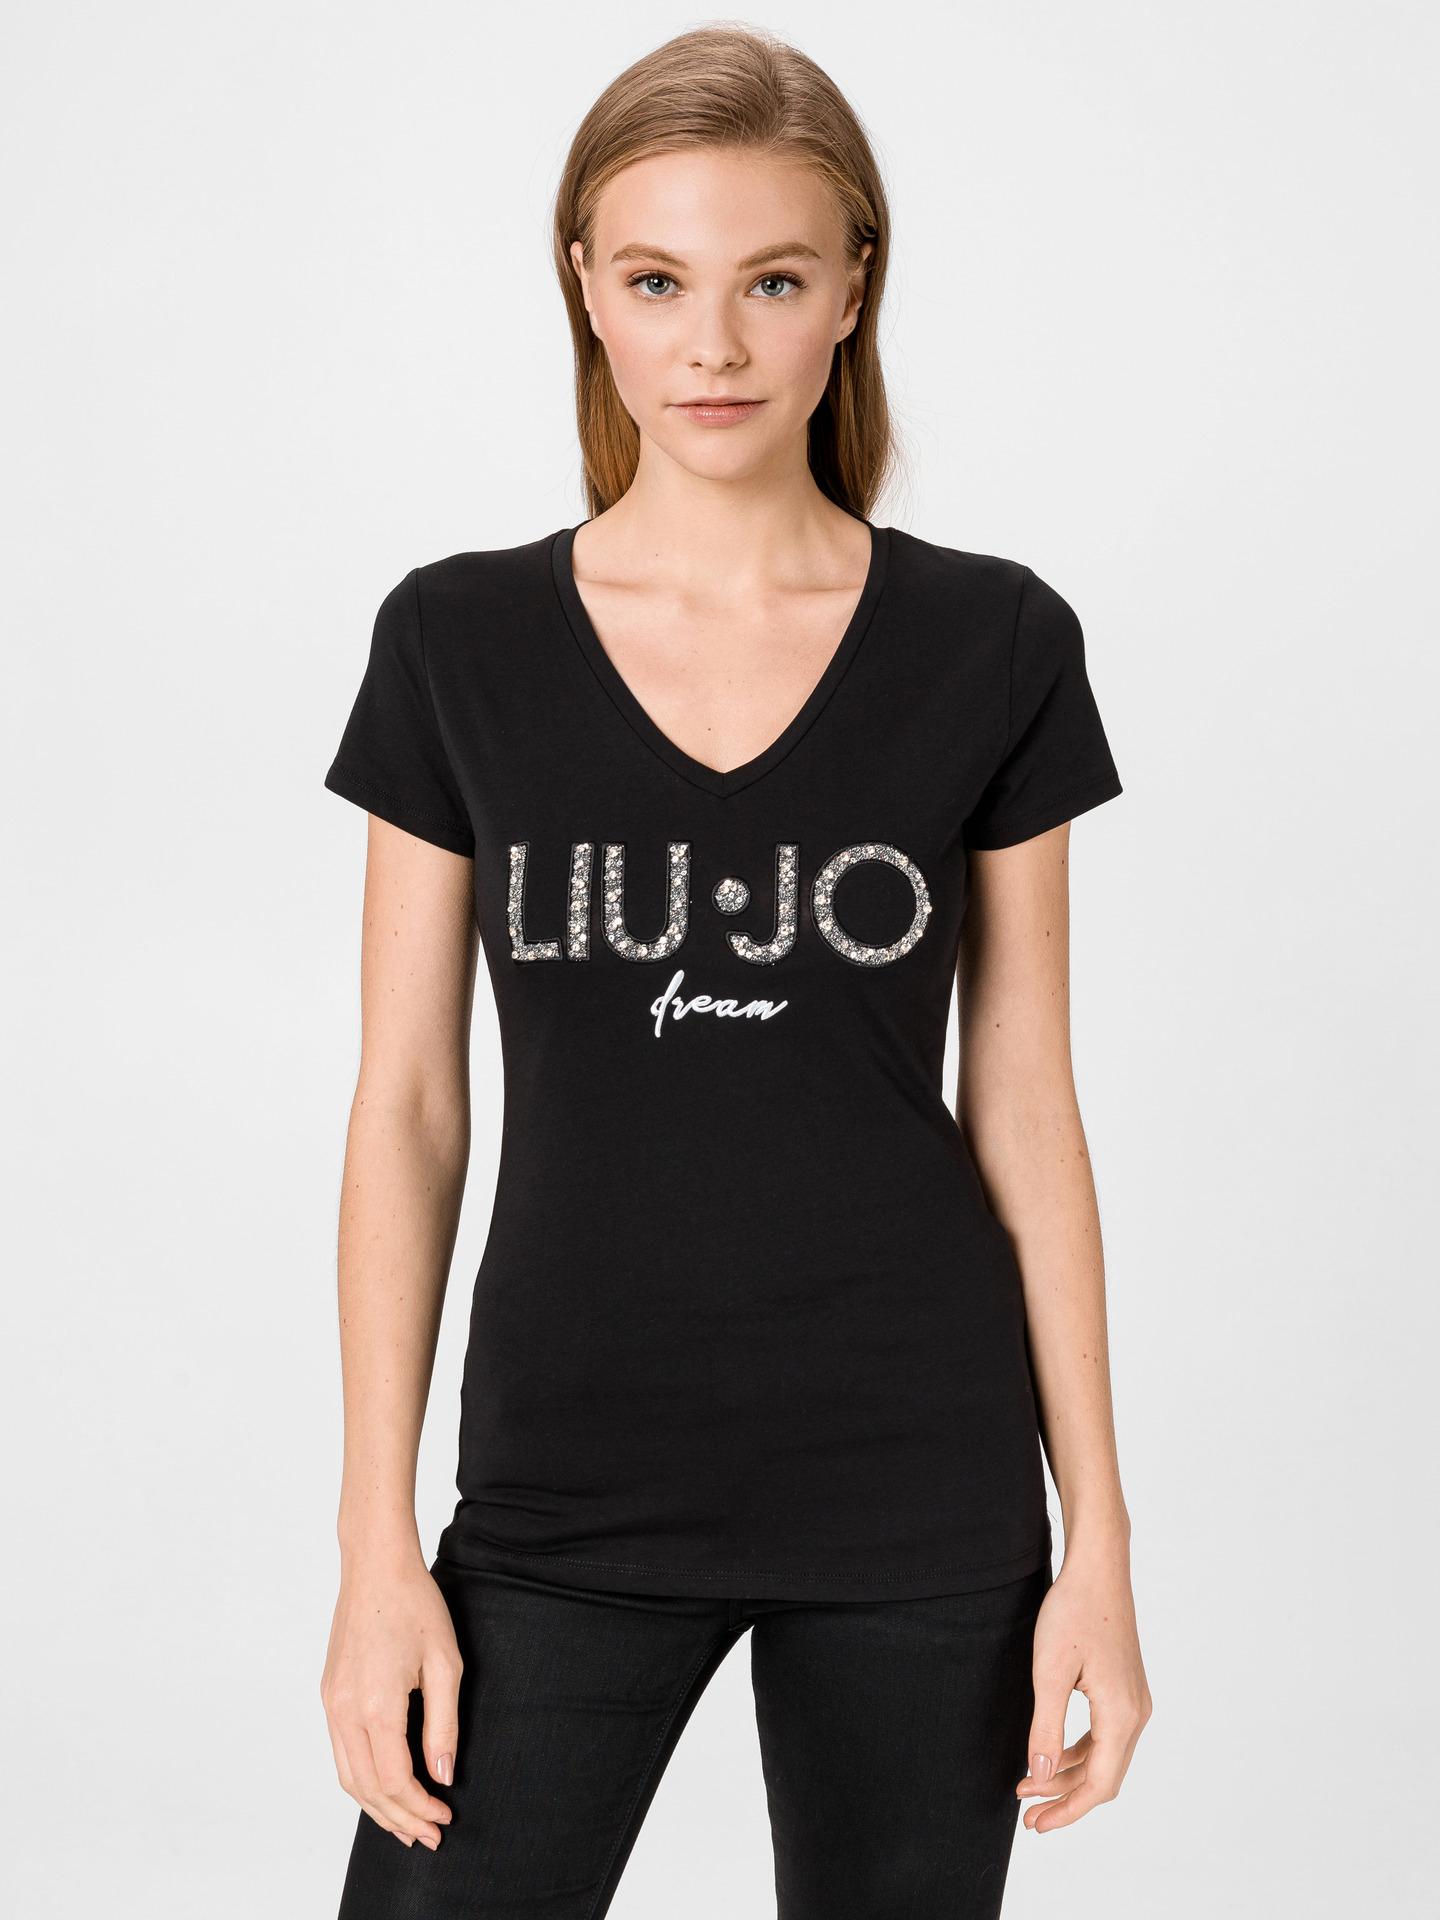 Liu Jo czarny damska koszulka